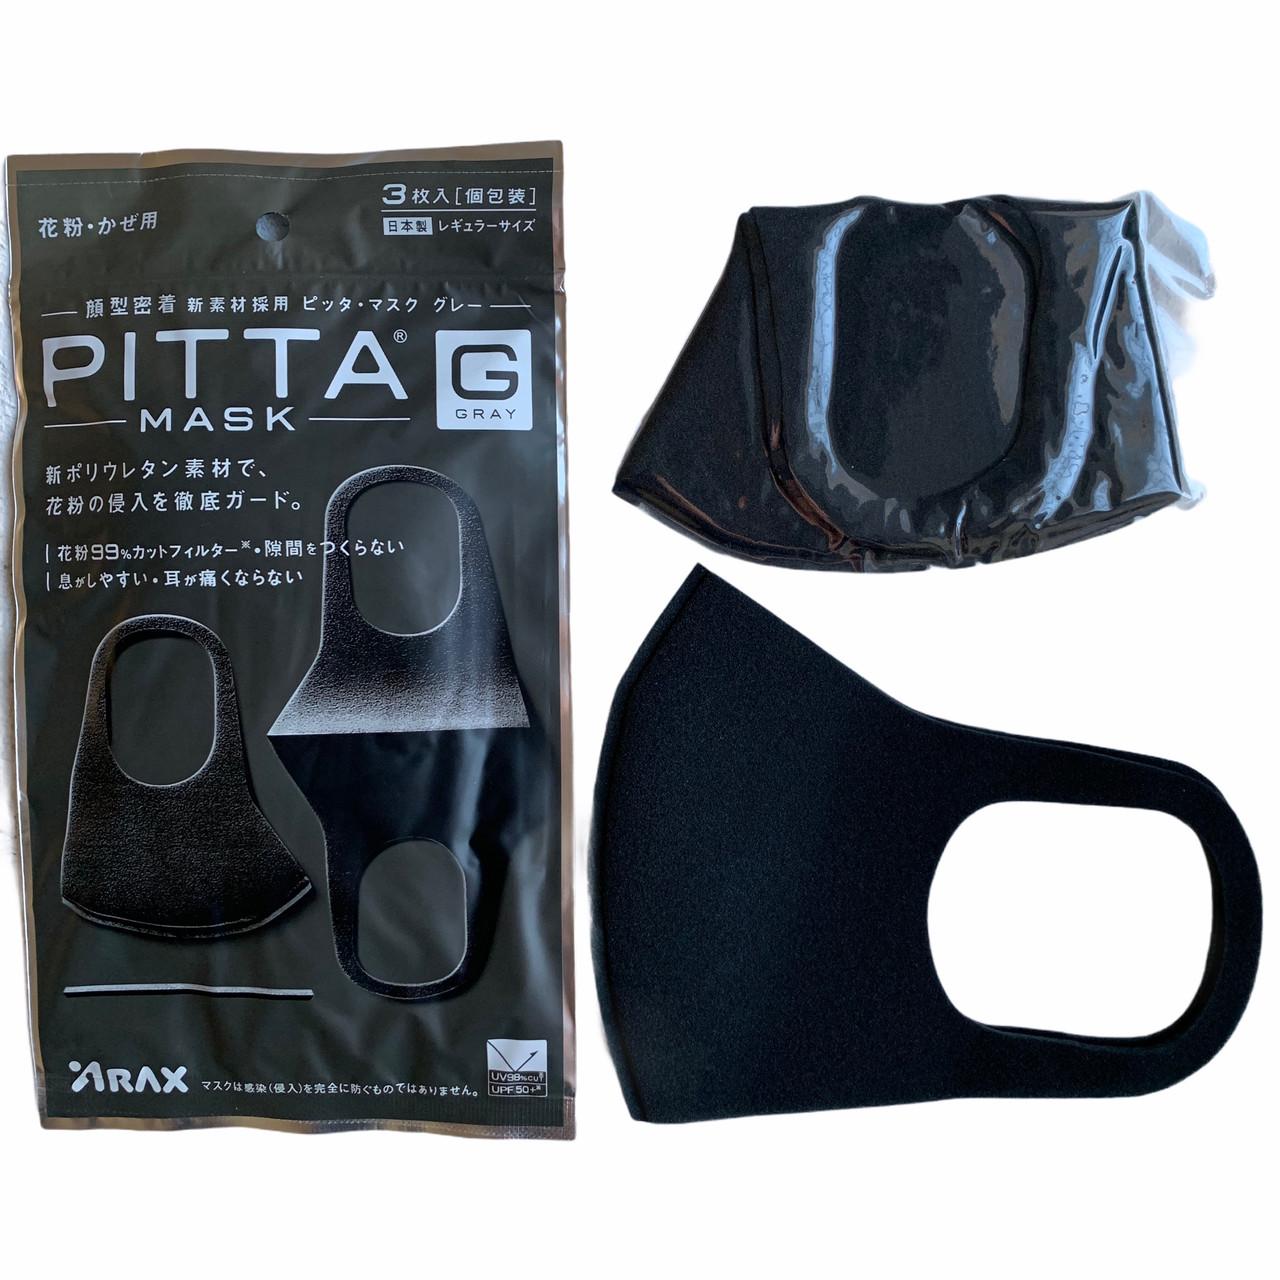 Многоразовая маска антибоктериальная питта ARAX Pitta Mask G 3 шт Япония Оригинал